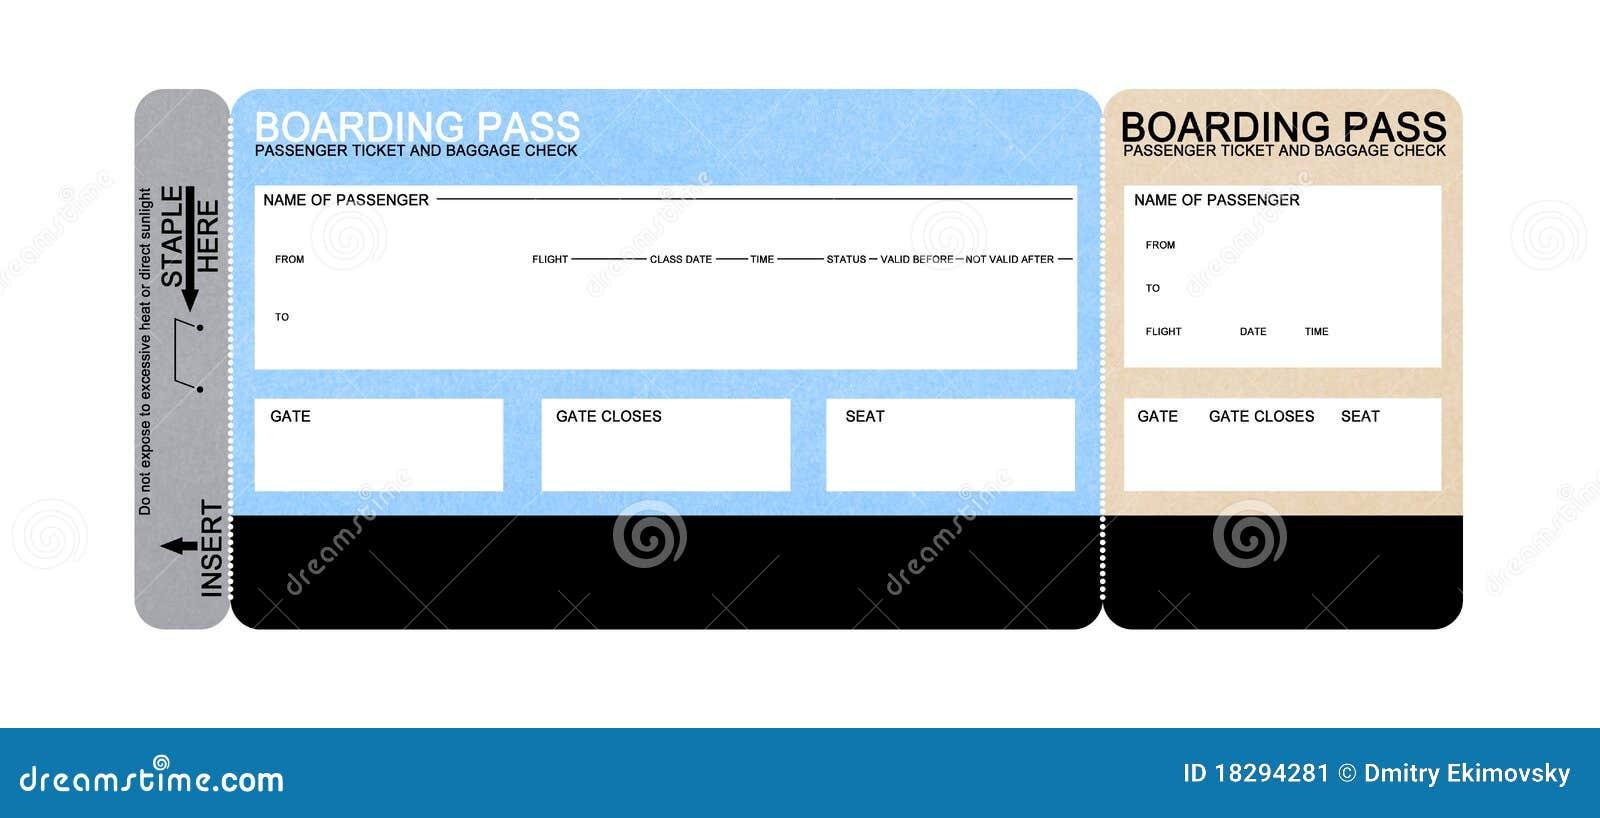 Het lege kaartje van de luchtvaartlijn instapkaart